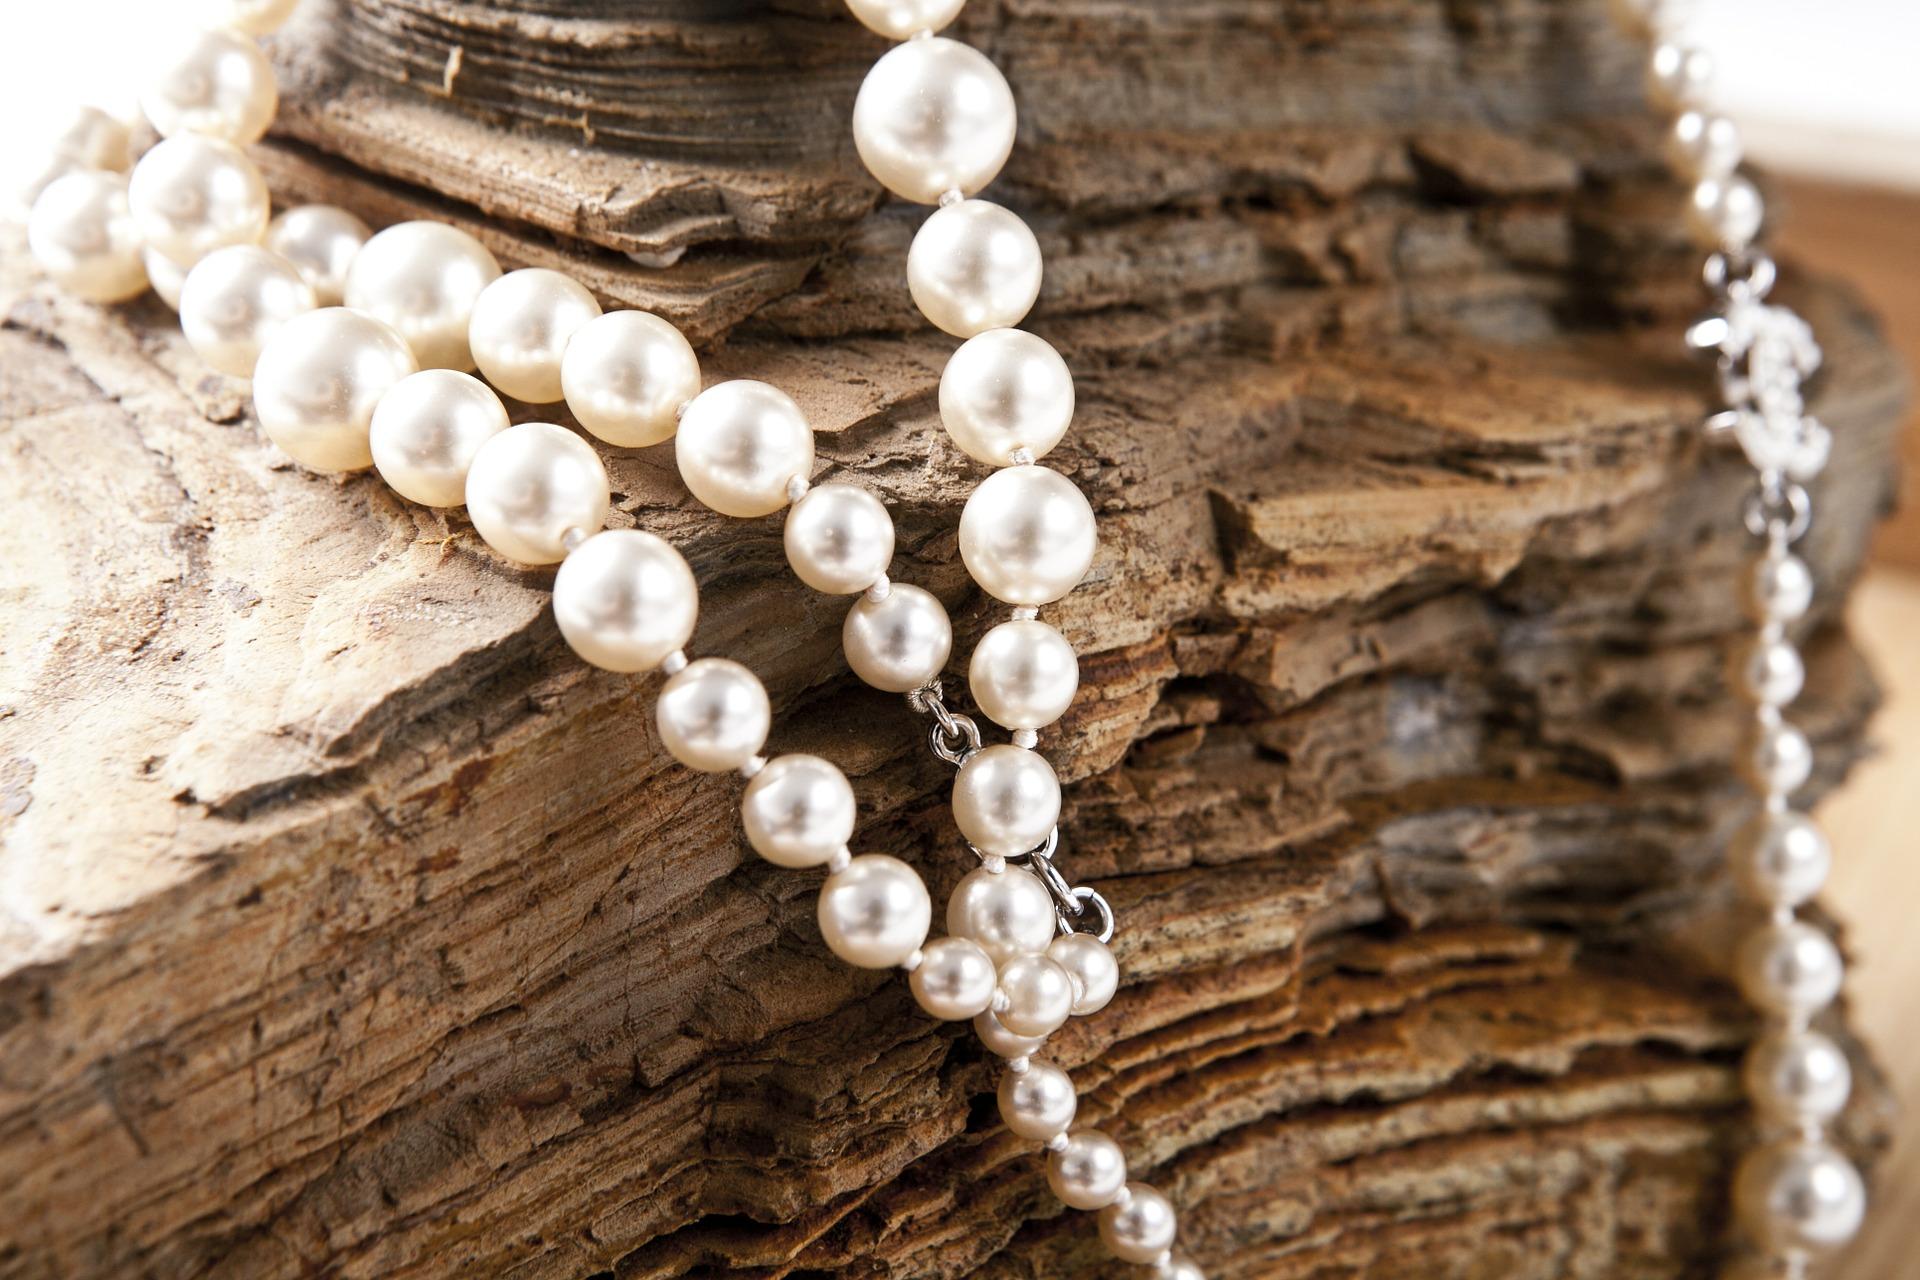 jewelry-420018_1920 pixabay